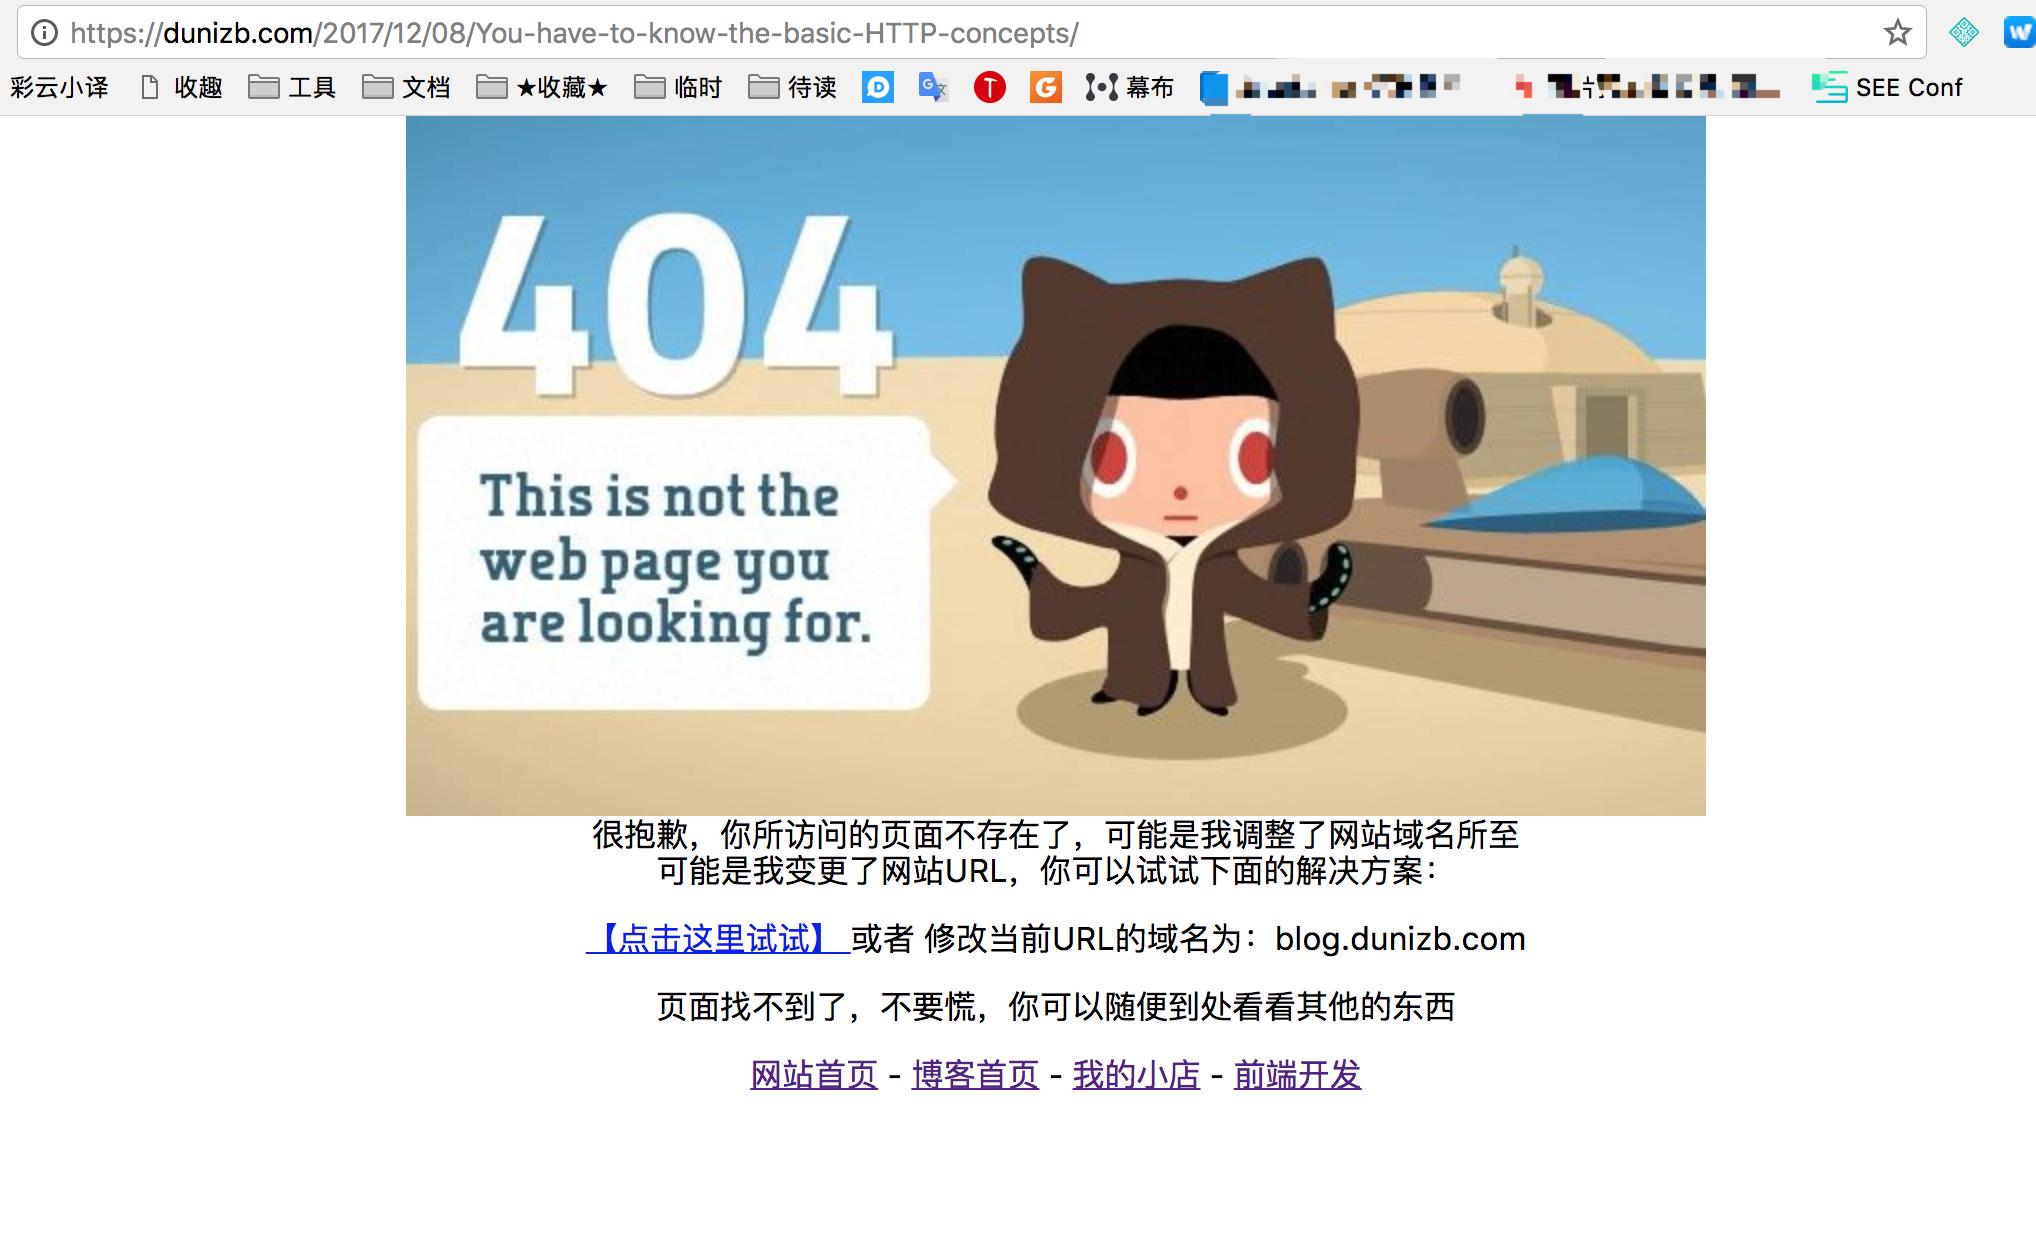 我的404页面